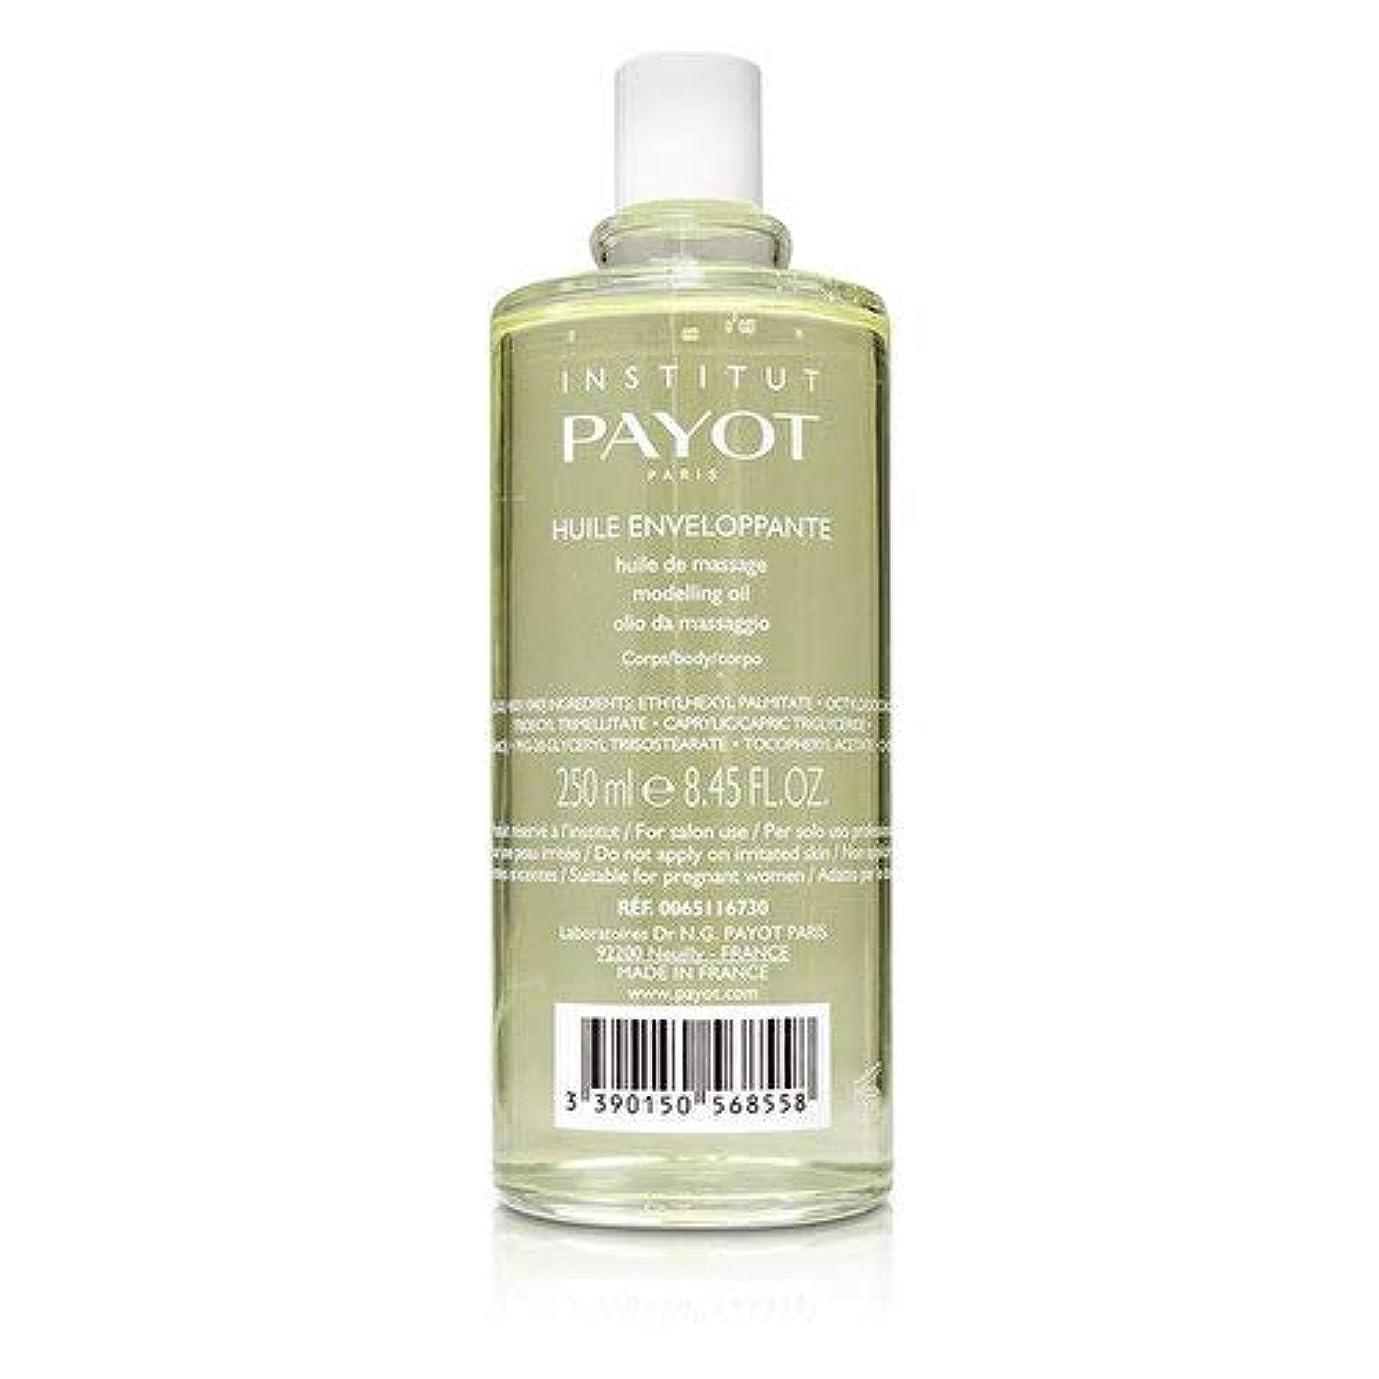 ラリー土文房具パイヨ Huile Enveloppante - Body Massage Oil (Orange Blossom & Rose) (Salon Product) 250ml/8.4oz並行輸入品